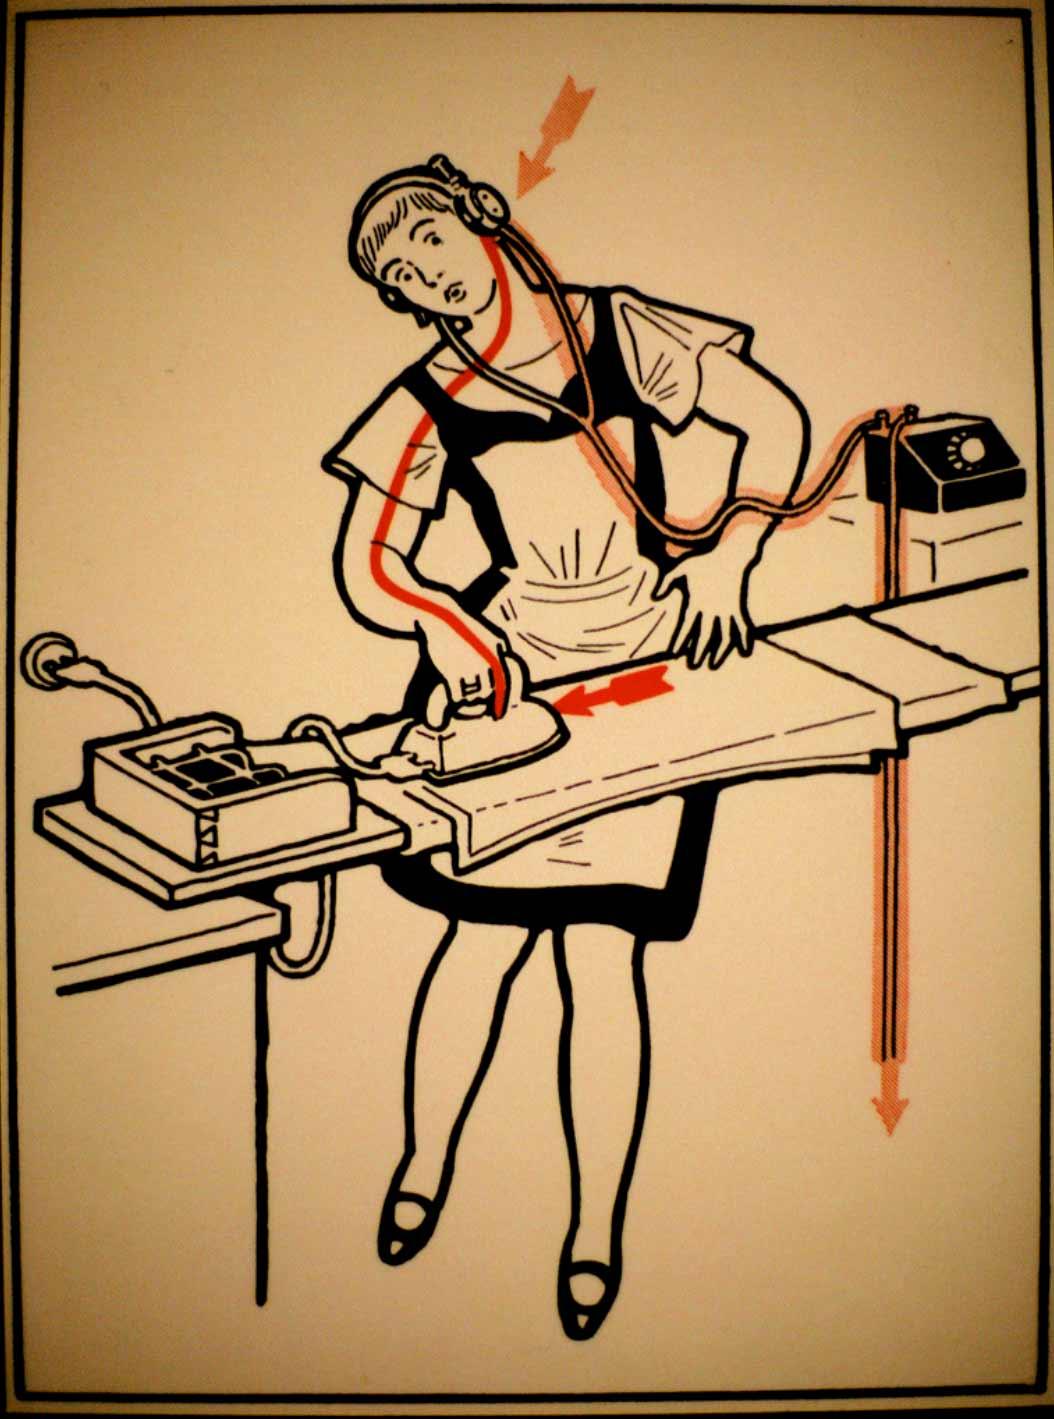 1931 wurde vor skurrilen Arten eines Stromschlages gewarnt Elektroschutz-in-132-Bildern_04